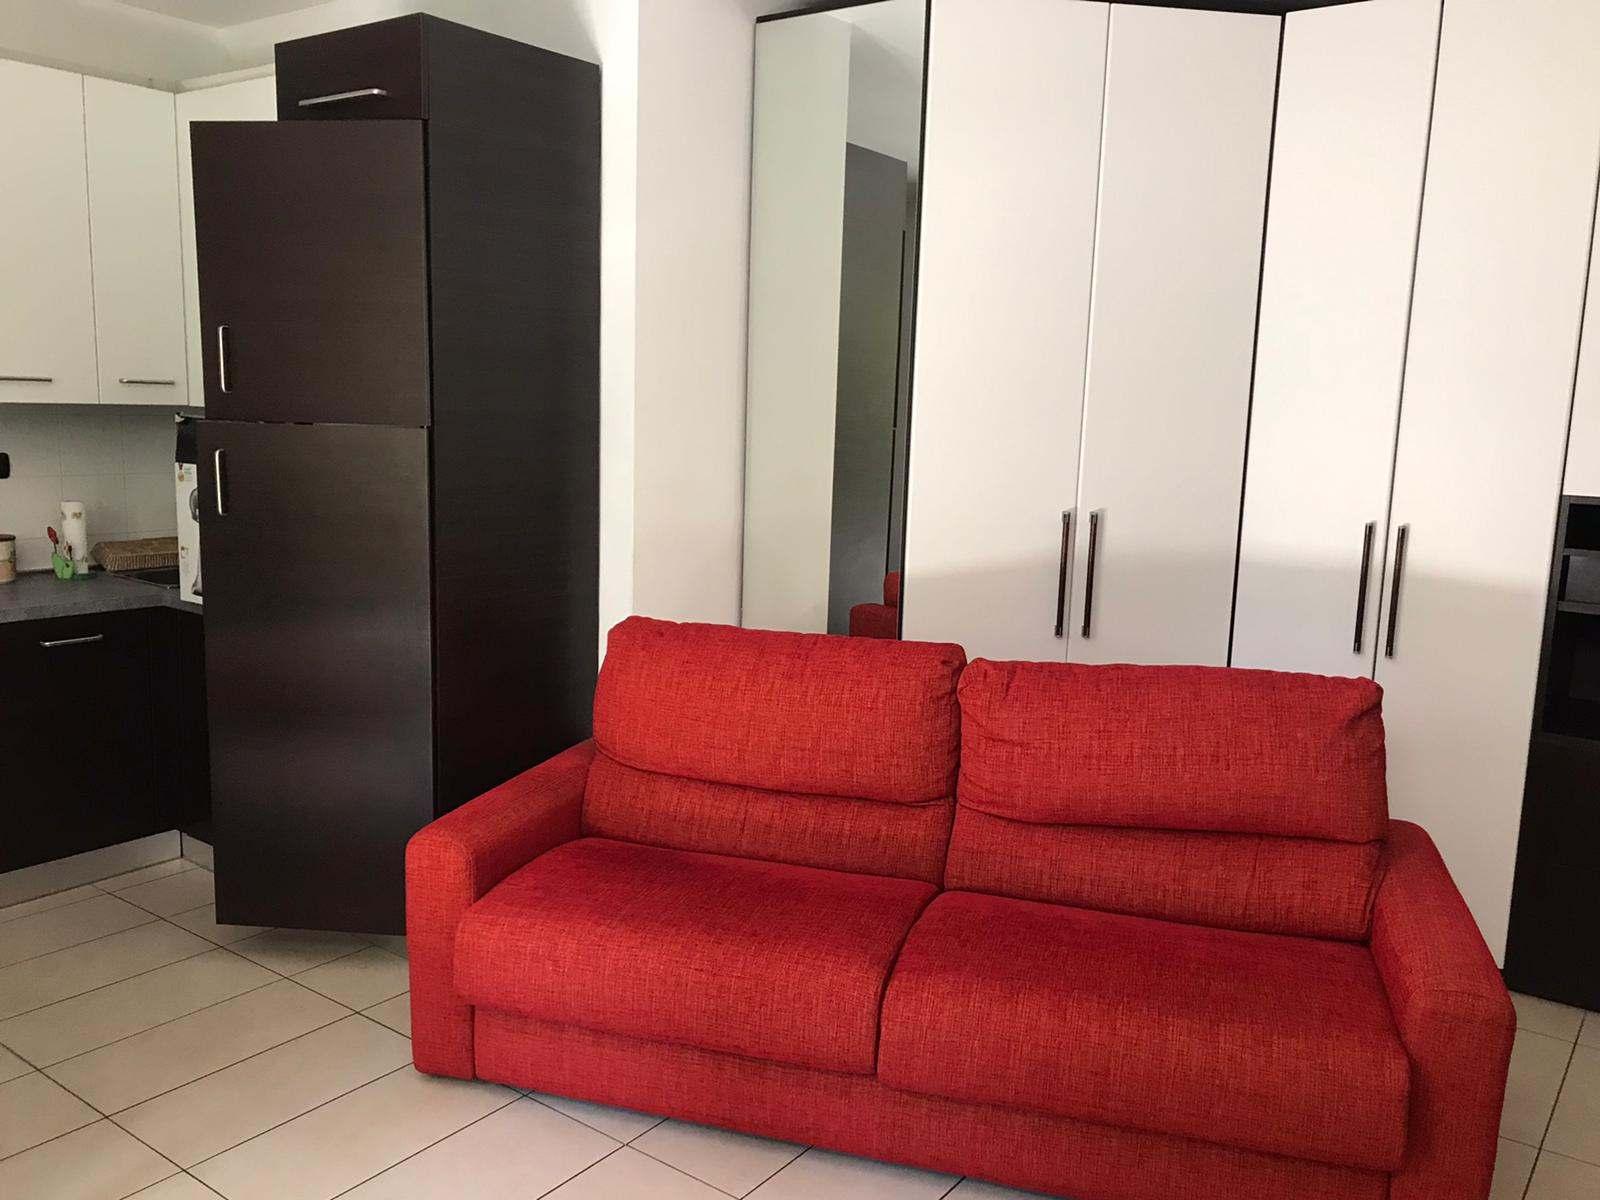 appartamento-in-vendita-a-settimo-milanese-monolocale-con-giardino-privato-1-locale-spaziourbano-immobiliare-vende-7